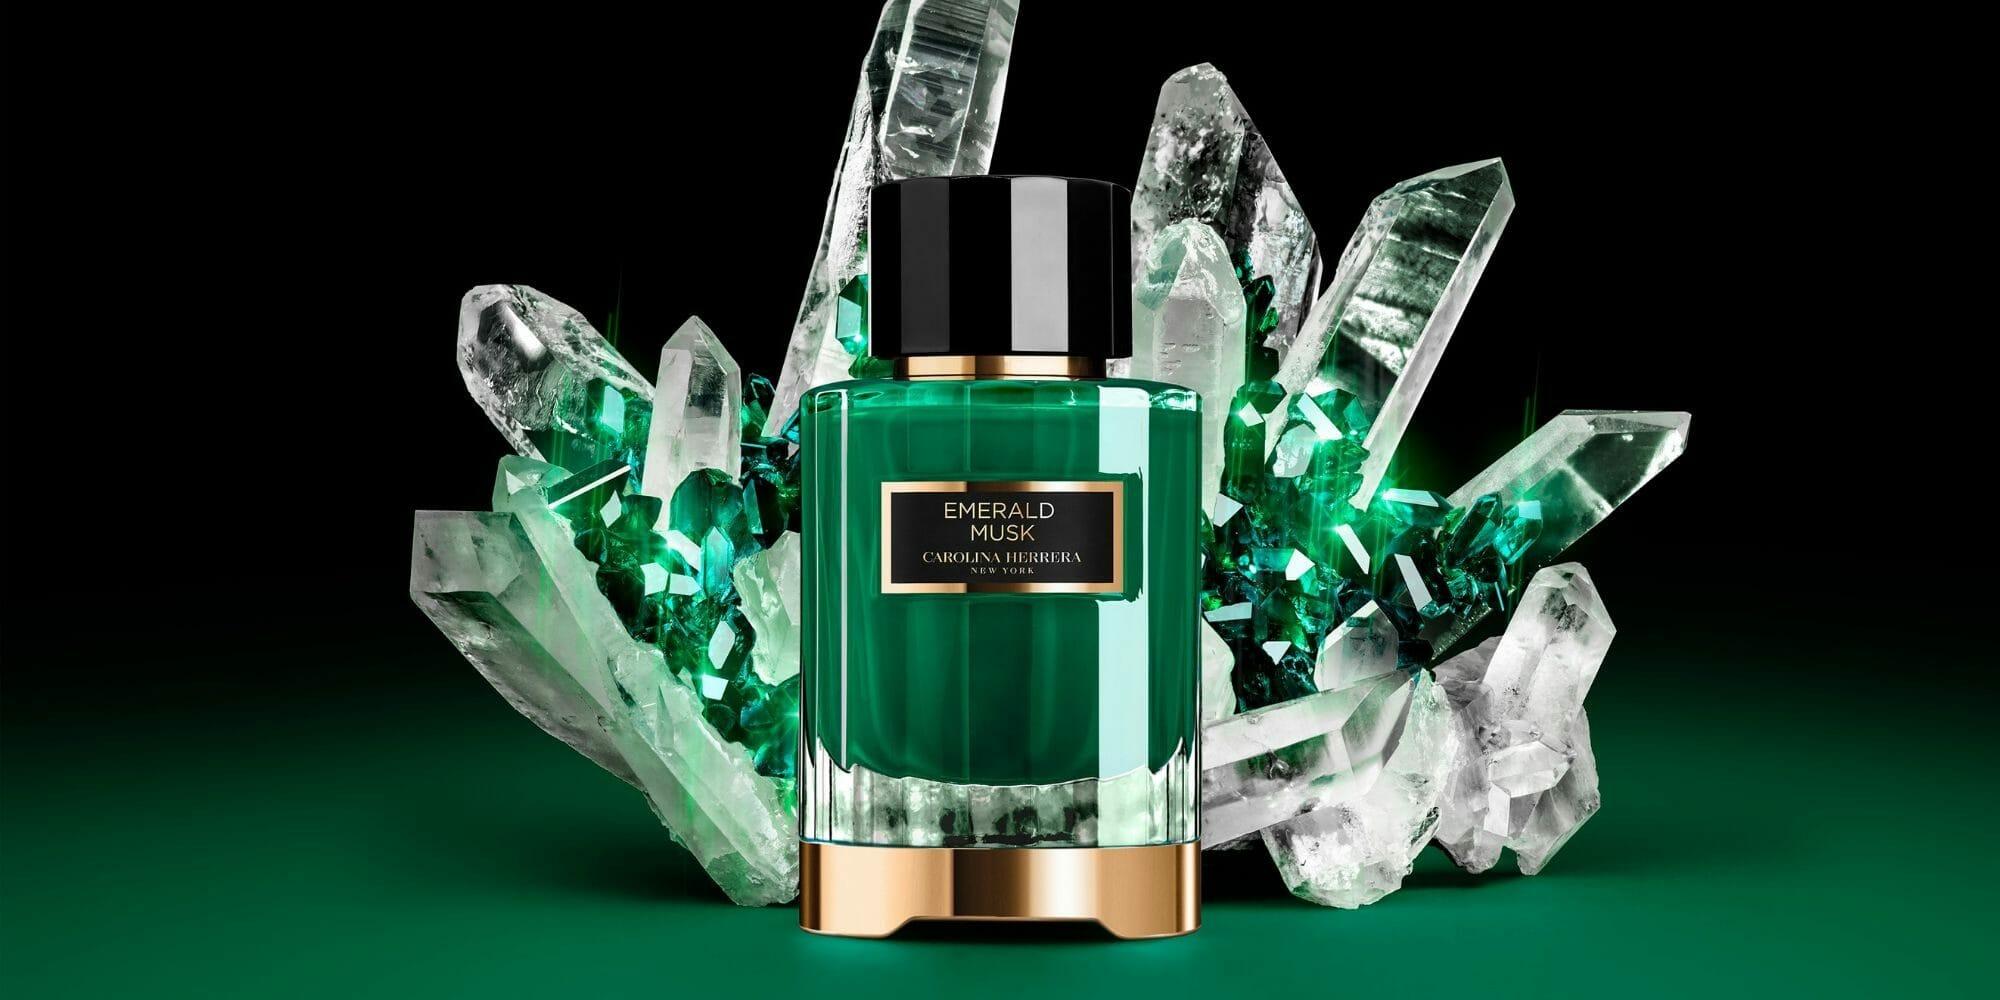 Carolina-Herrera-Emerald-Musk-Banner-03.jpg